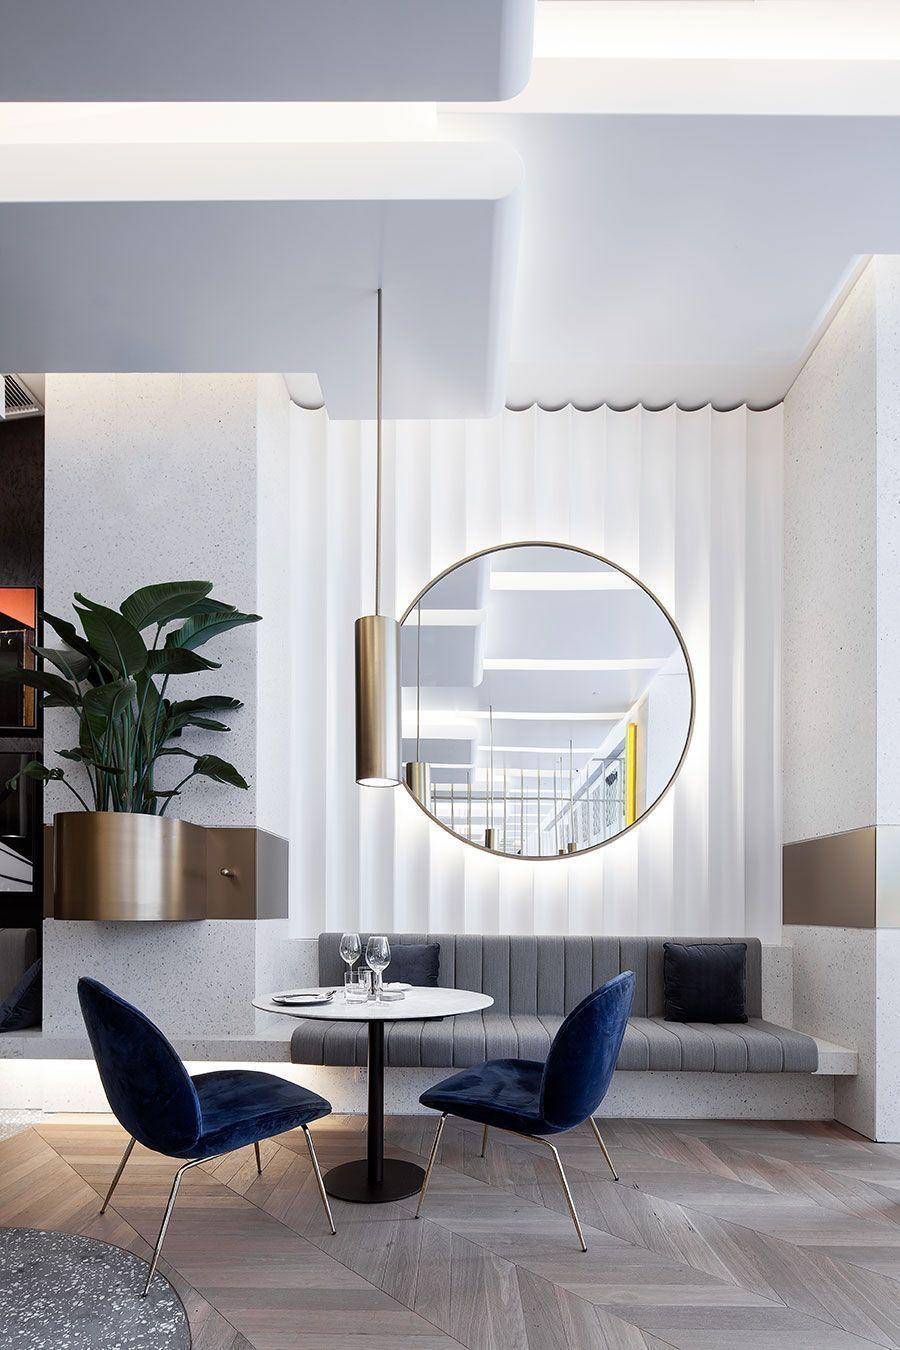 Salon art deco design apartment industrial lighting industrial dining industrial style